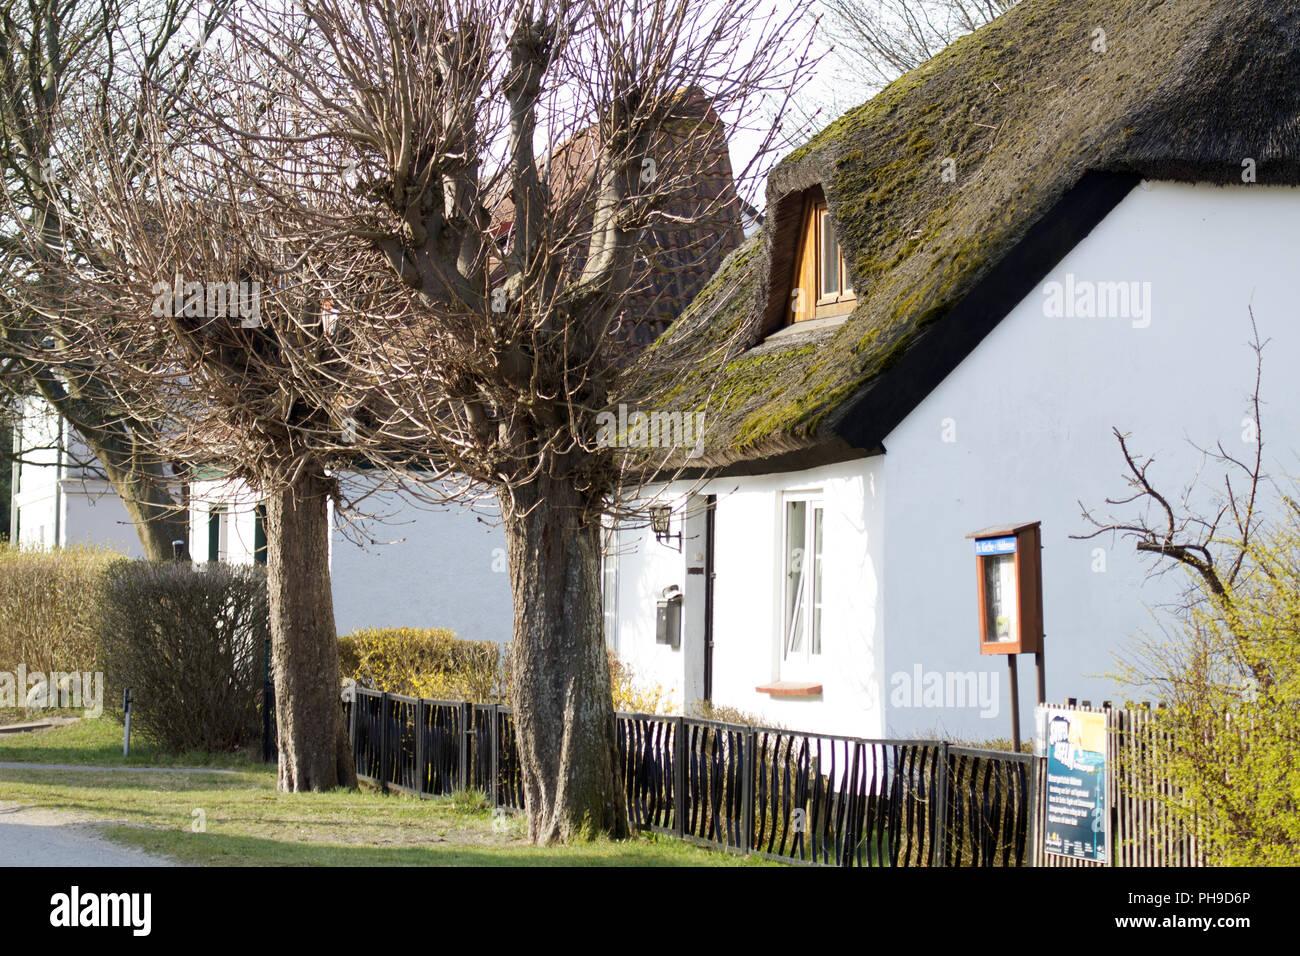 Vitte, Hiddensee, Ostdeutschland, Ostsee - Stock Image